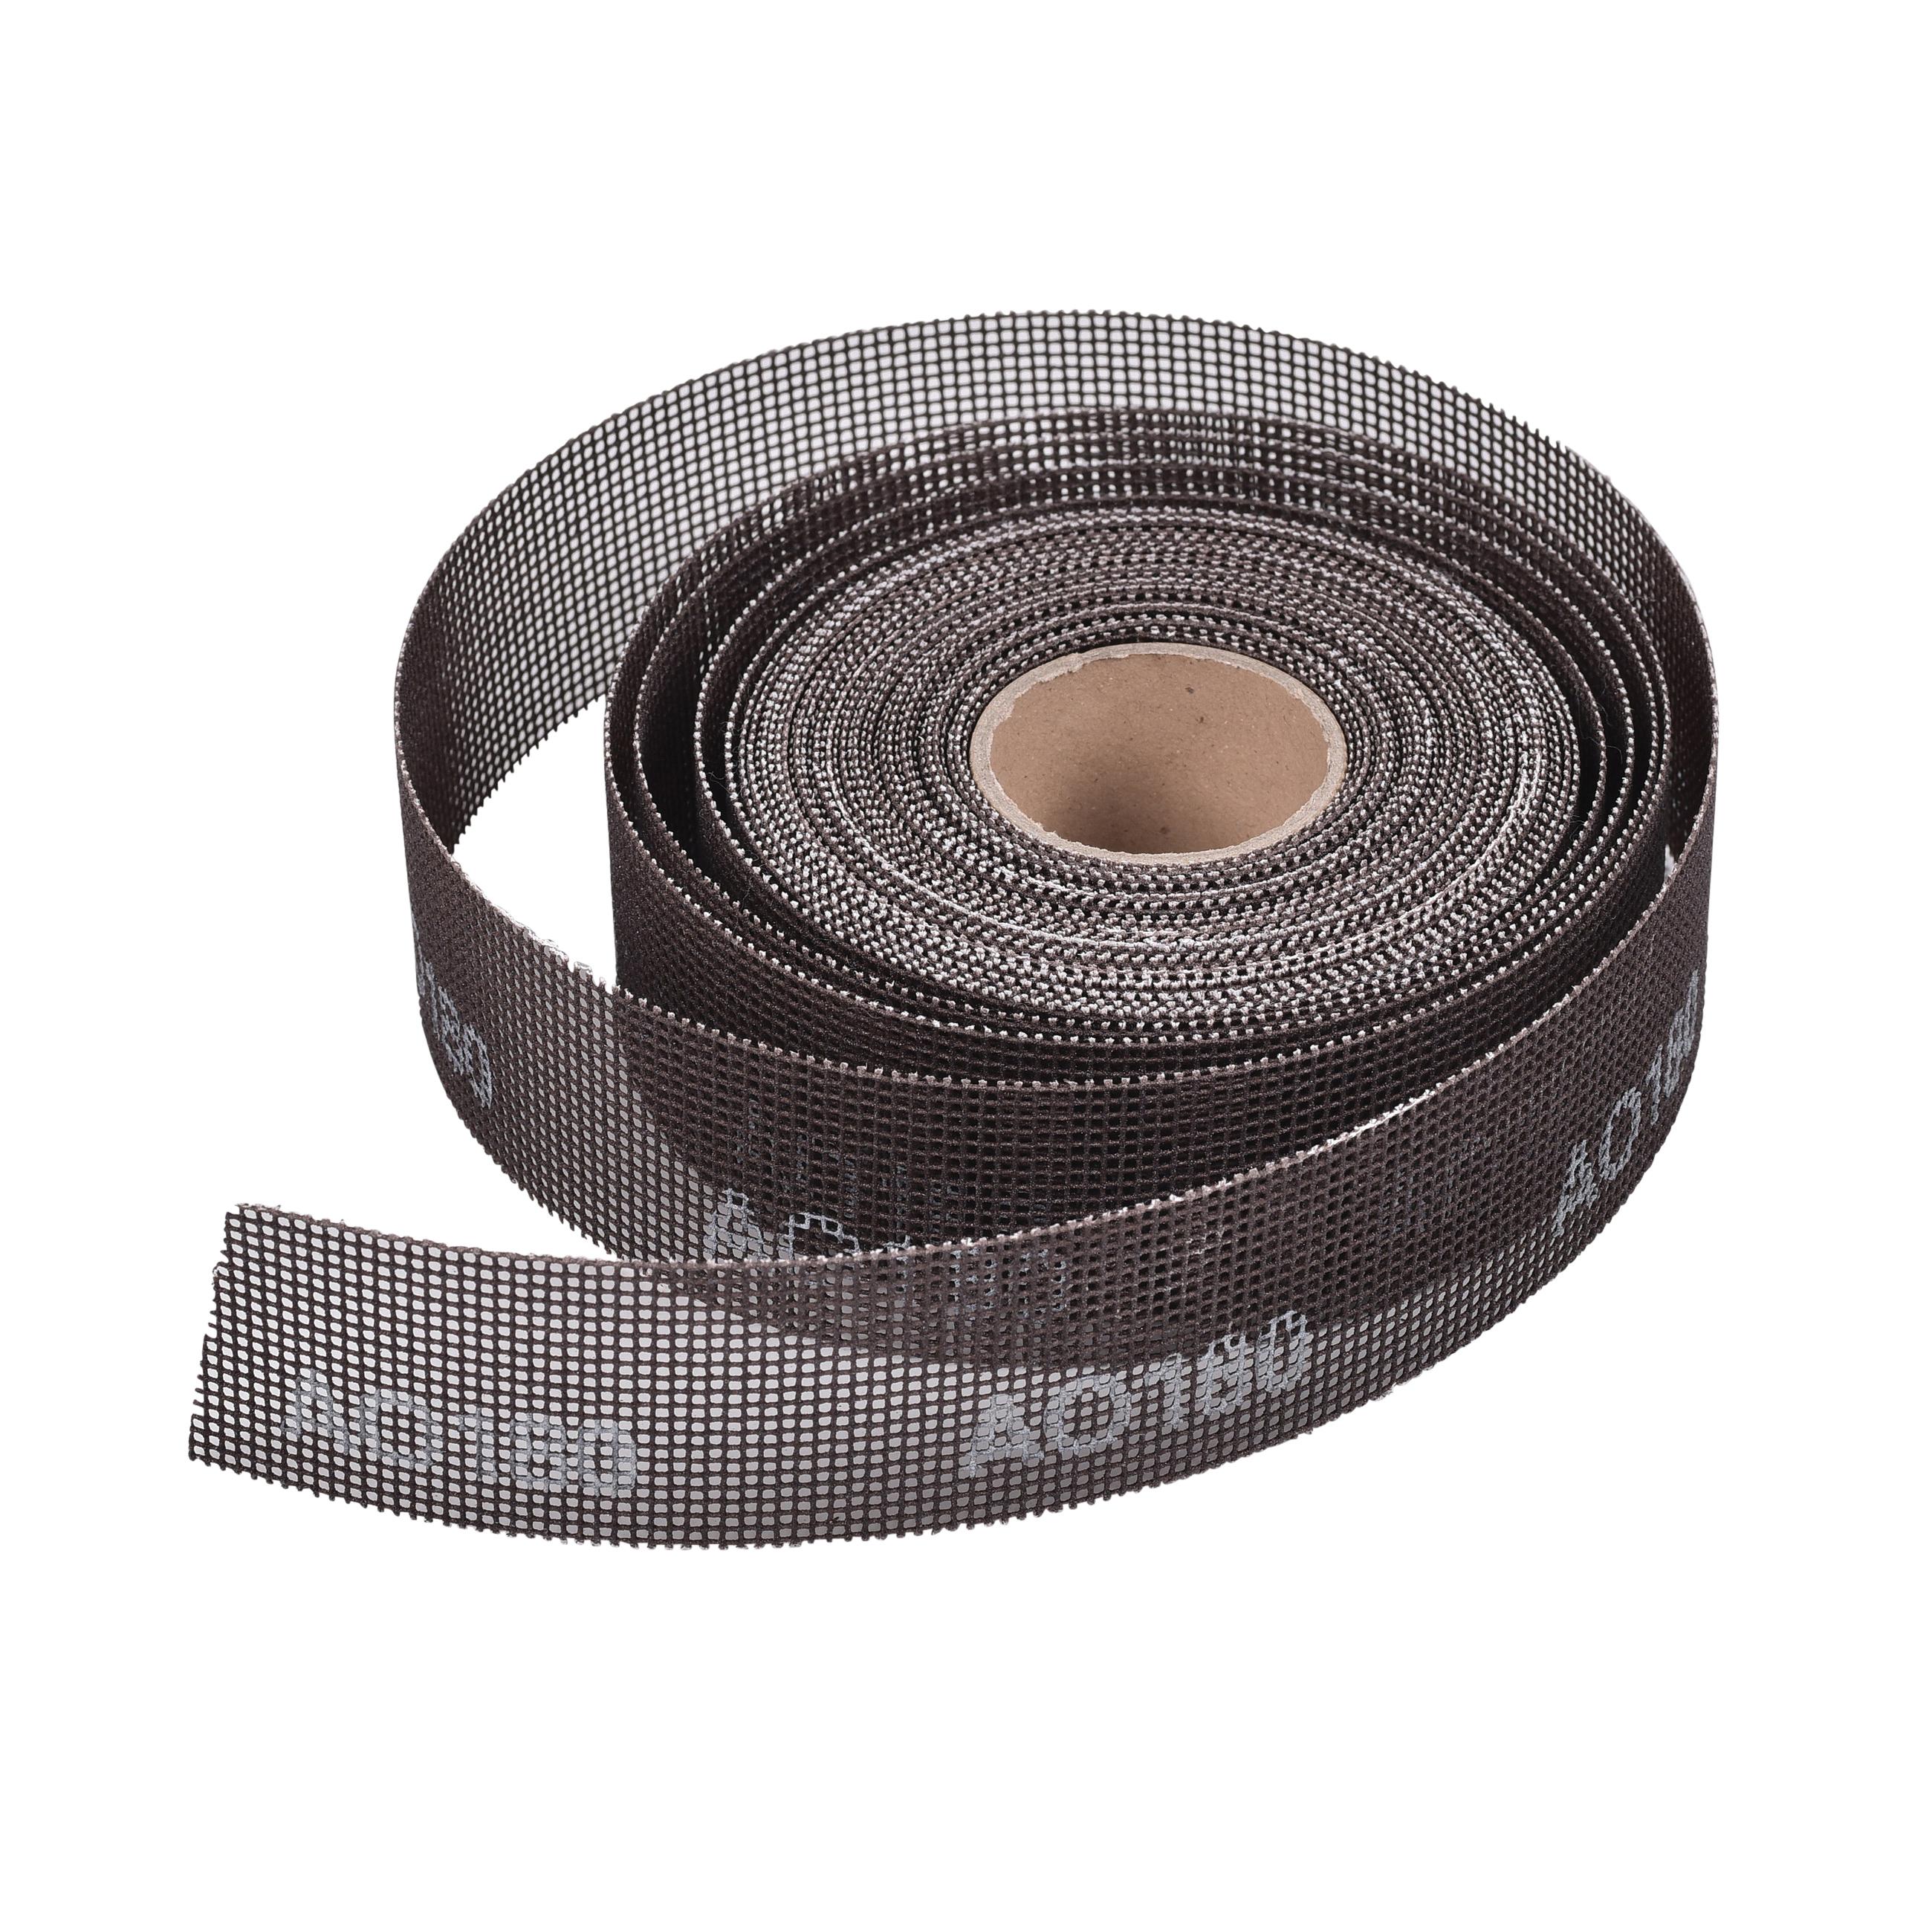 Oatey® 31321 Open Mesh Cloth, 1-1/2 in W x 10 yd L, Nylon/Aluminum Oxide Abrasive